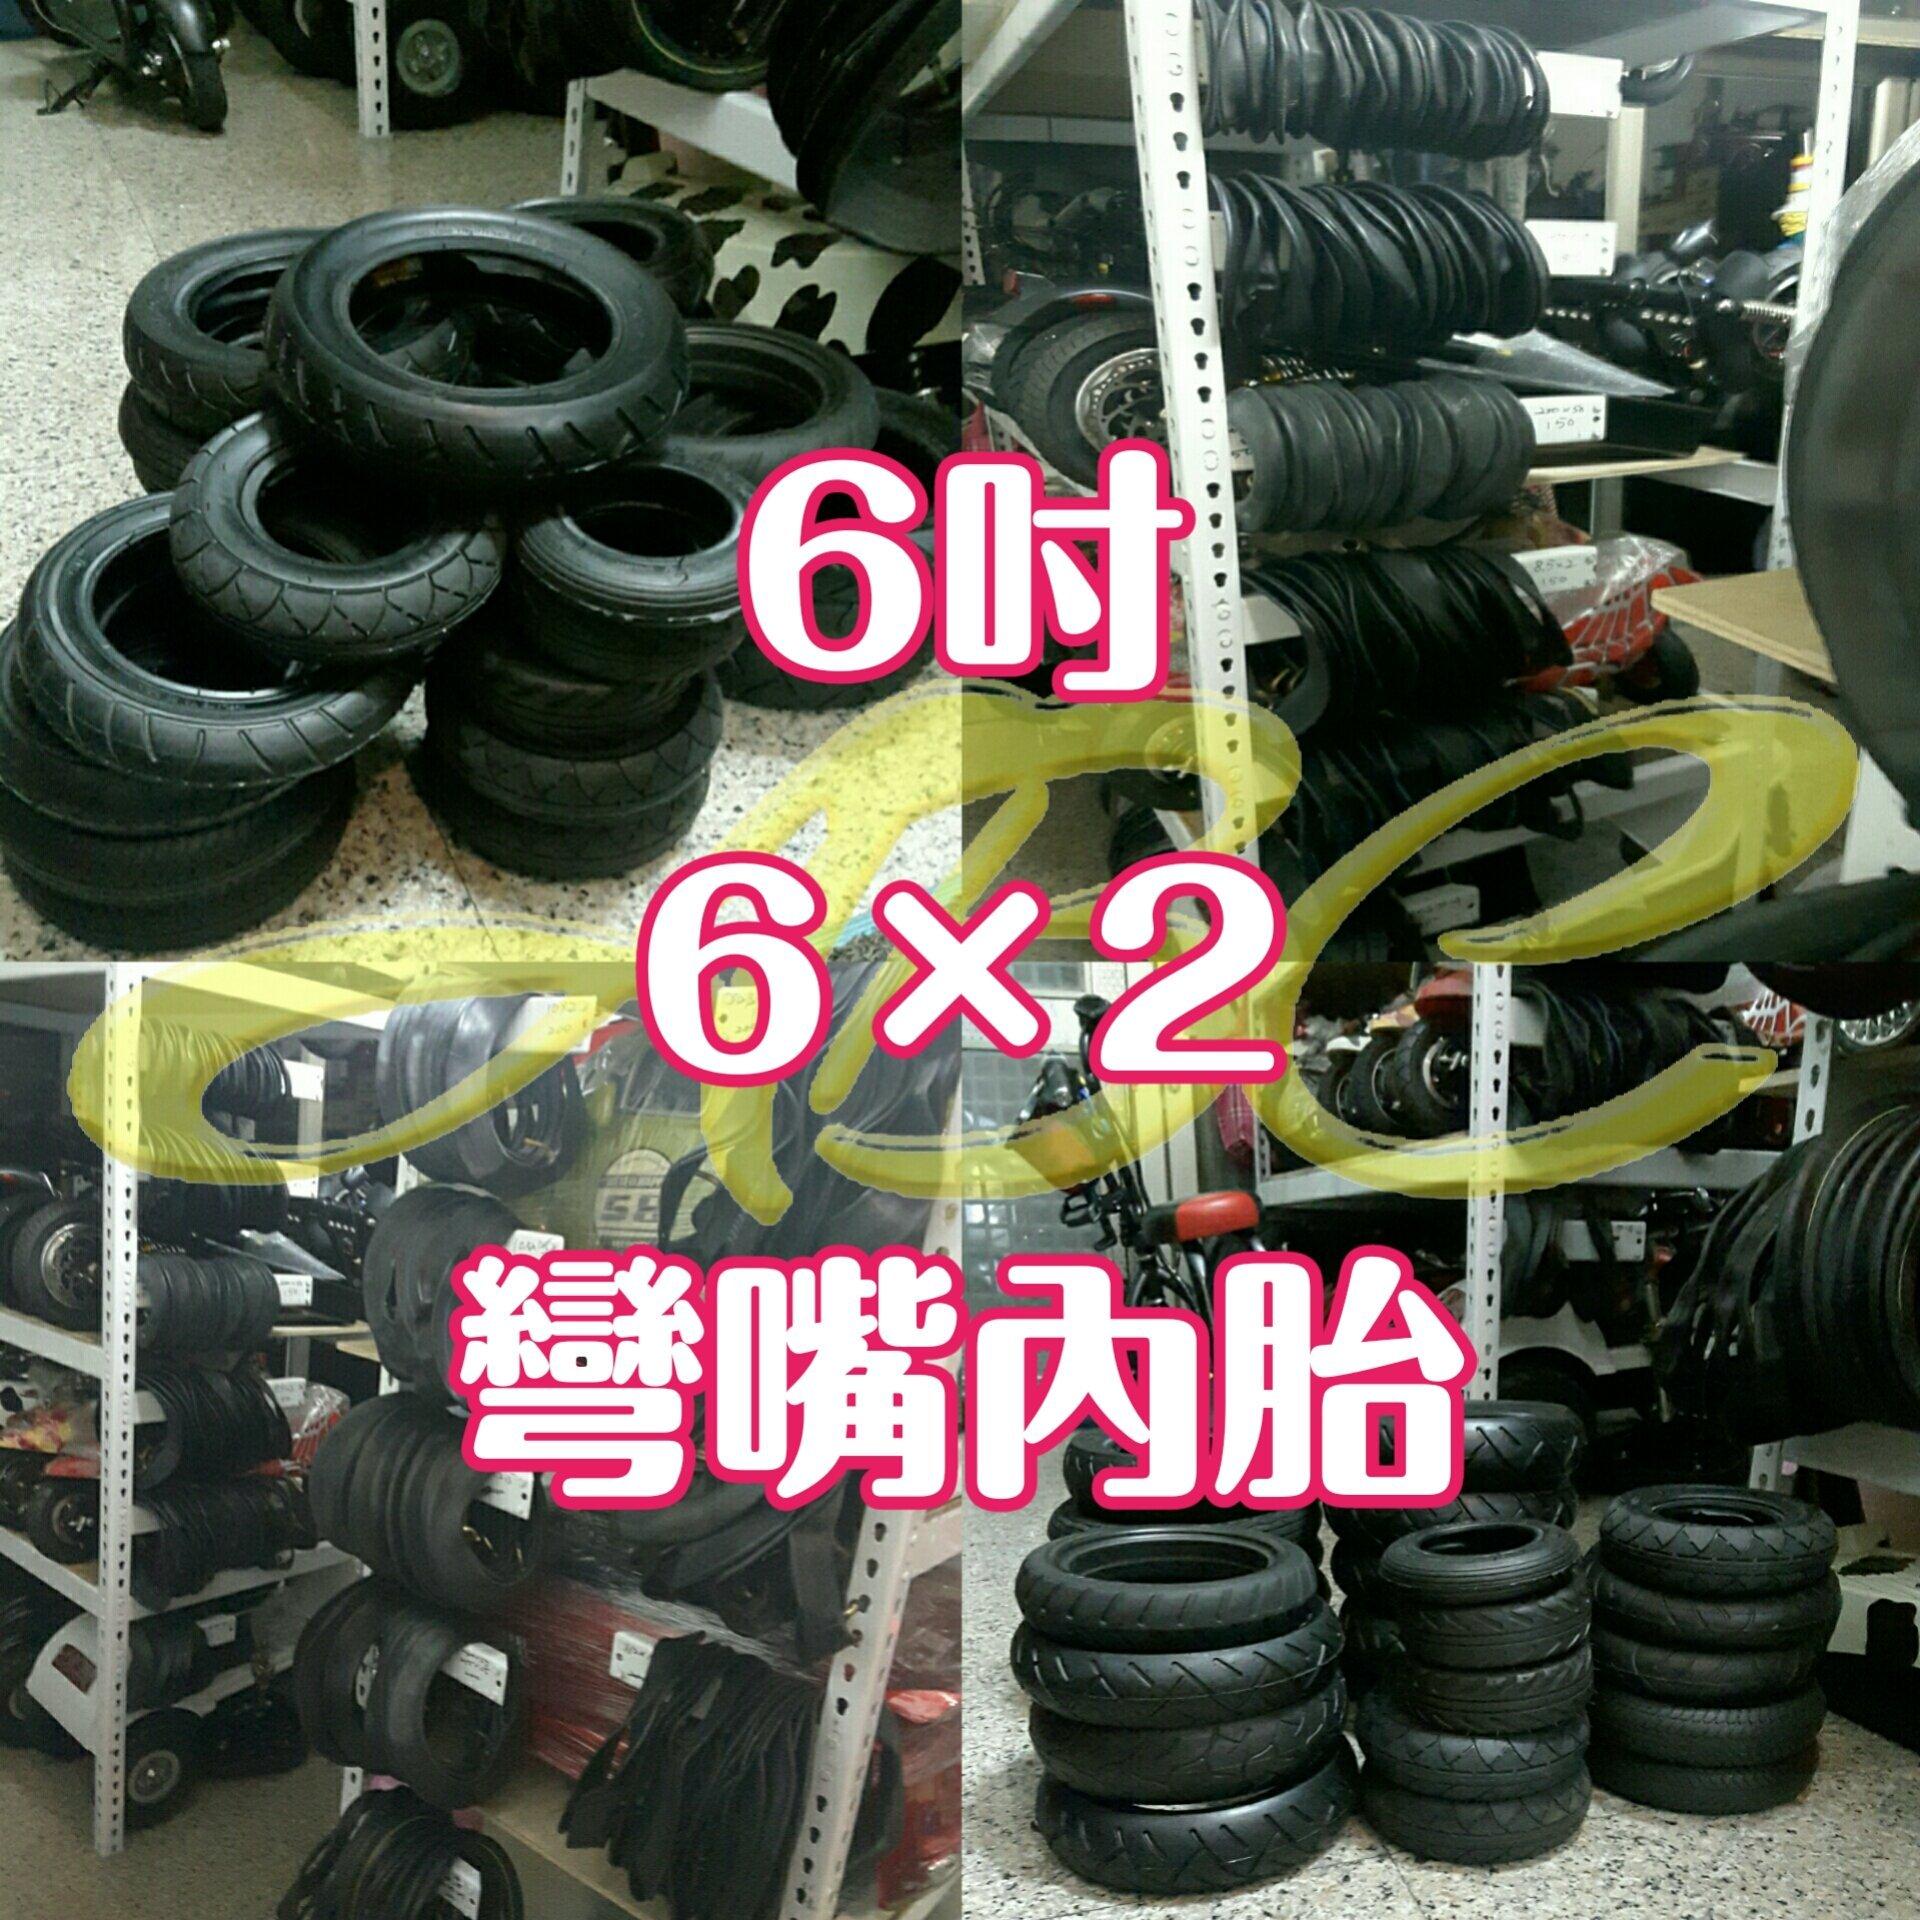 【6×2彎嘴內胎】6吋、8吋、12吋彎嘴內胎~小海豚電動折疊滑板車8吋、12吋、3輪-全套配件、散件、零件